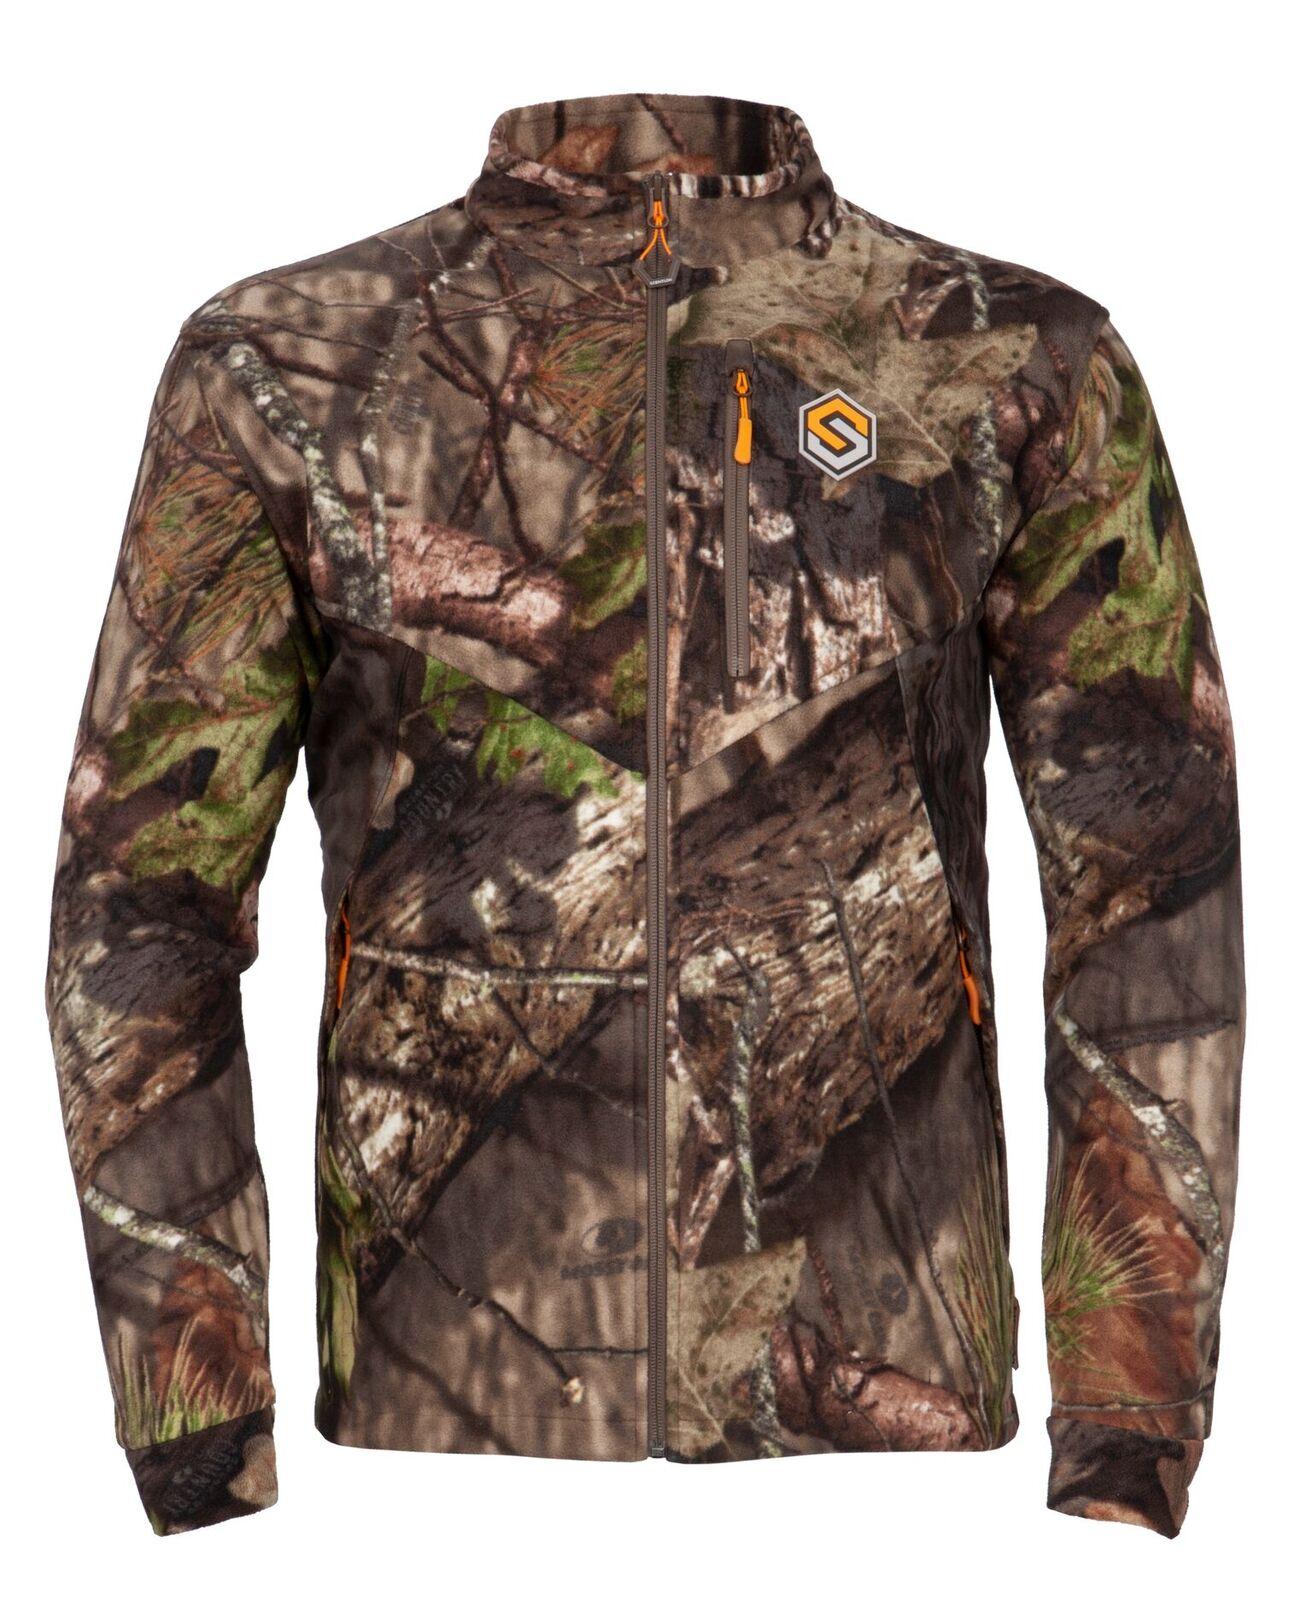 ScentLok Windbrace Fleece Jacket (Mossy Oak Country, X-Large)